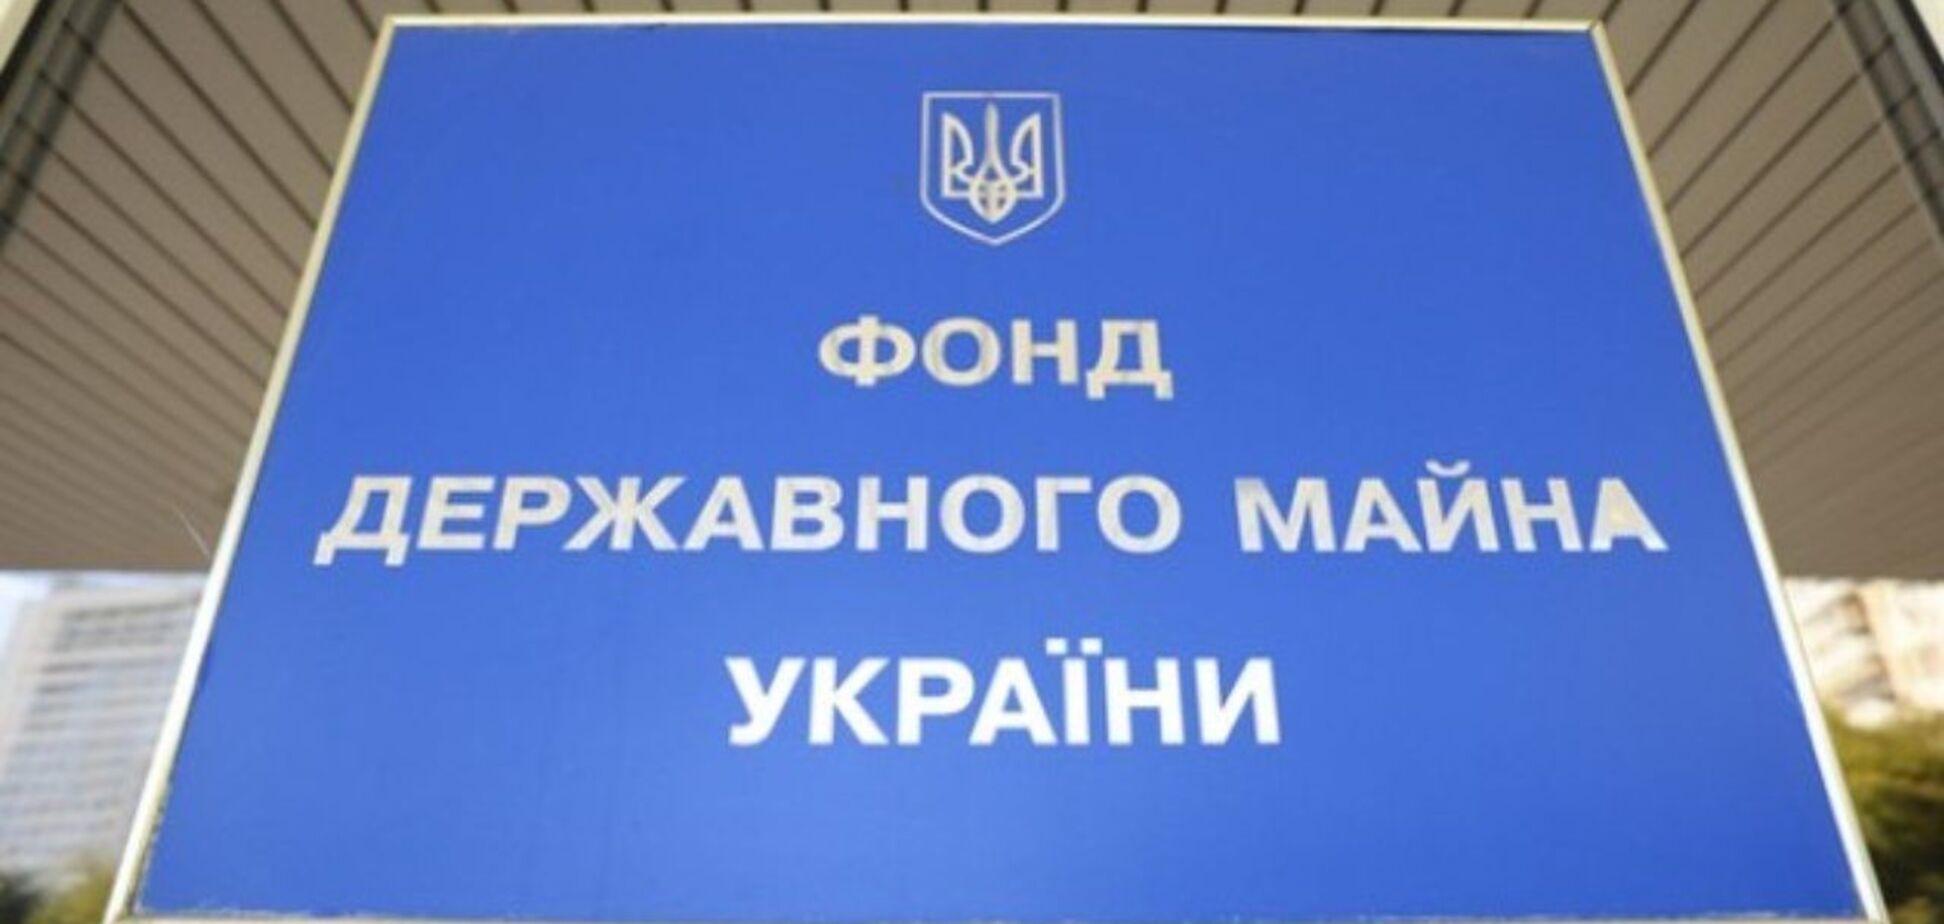 Фонд государственного имущества Украины совместно с Министерством юстиции осуществляют 'Большую приватизацию тюрем'